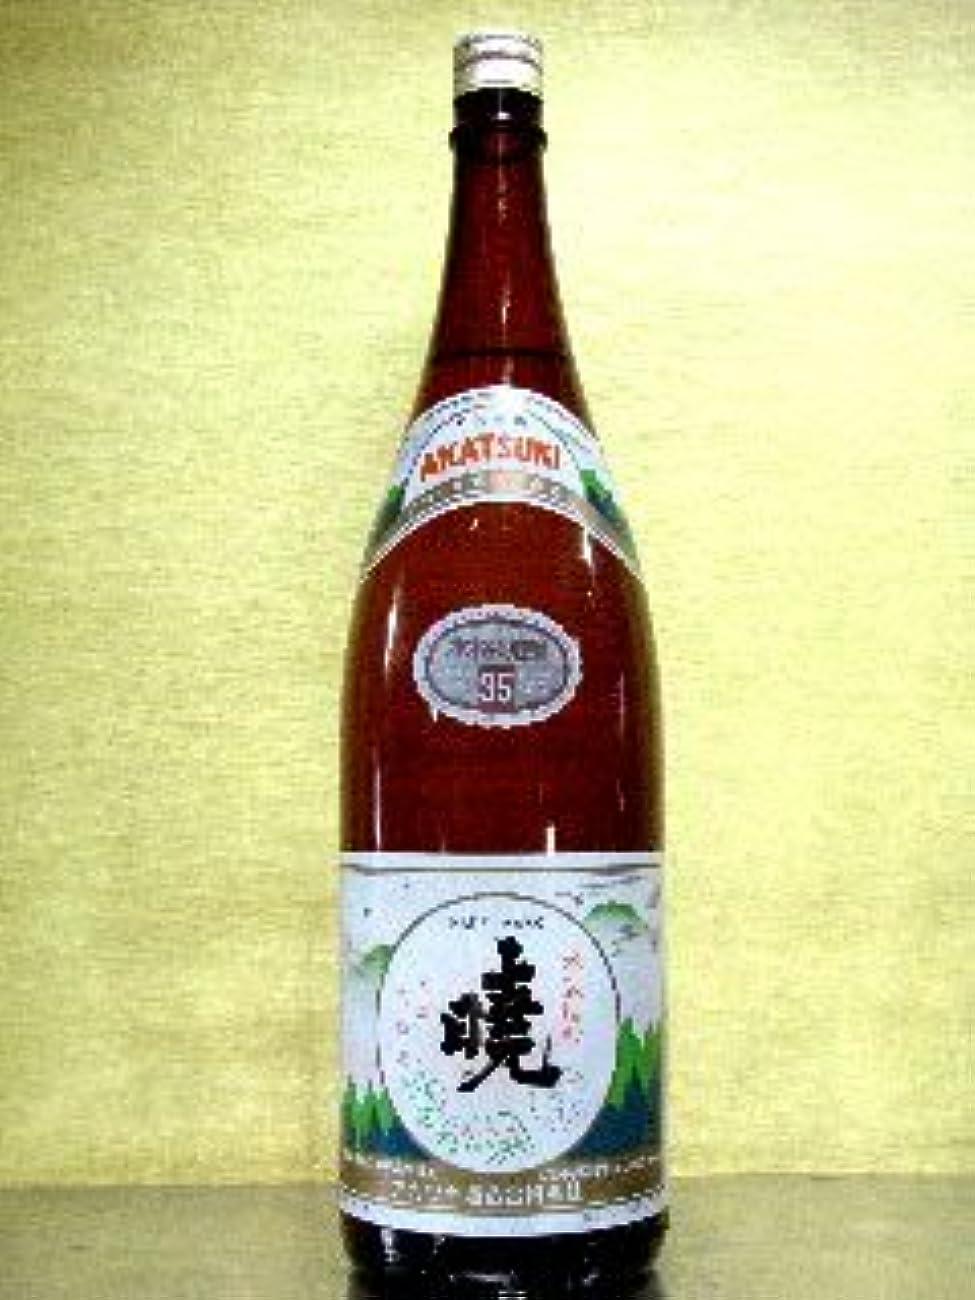 パリティ季節ビバ暁 米焼酎 35度 1.8L